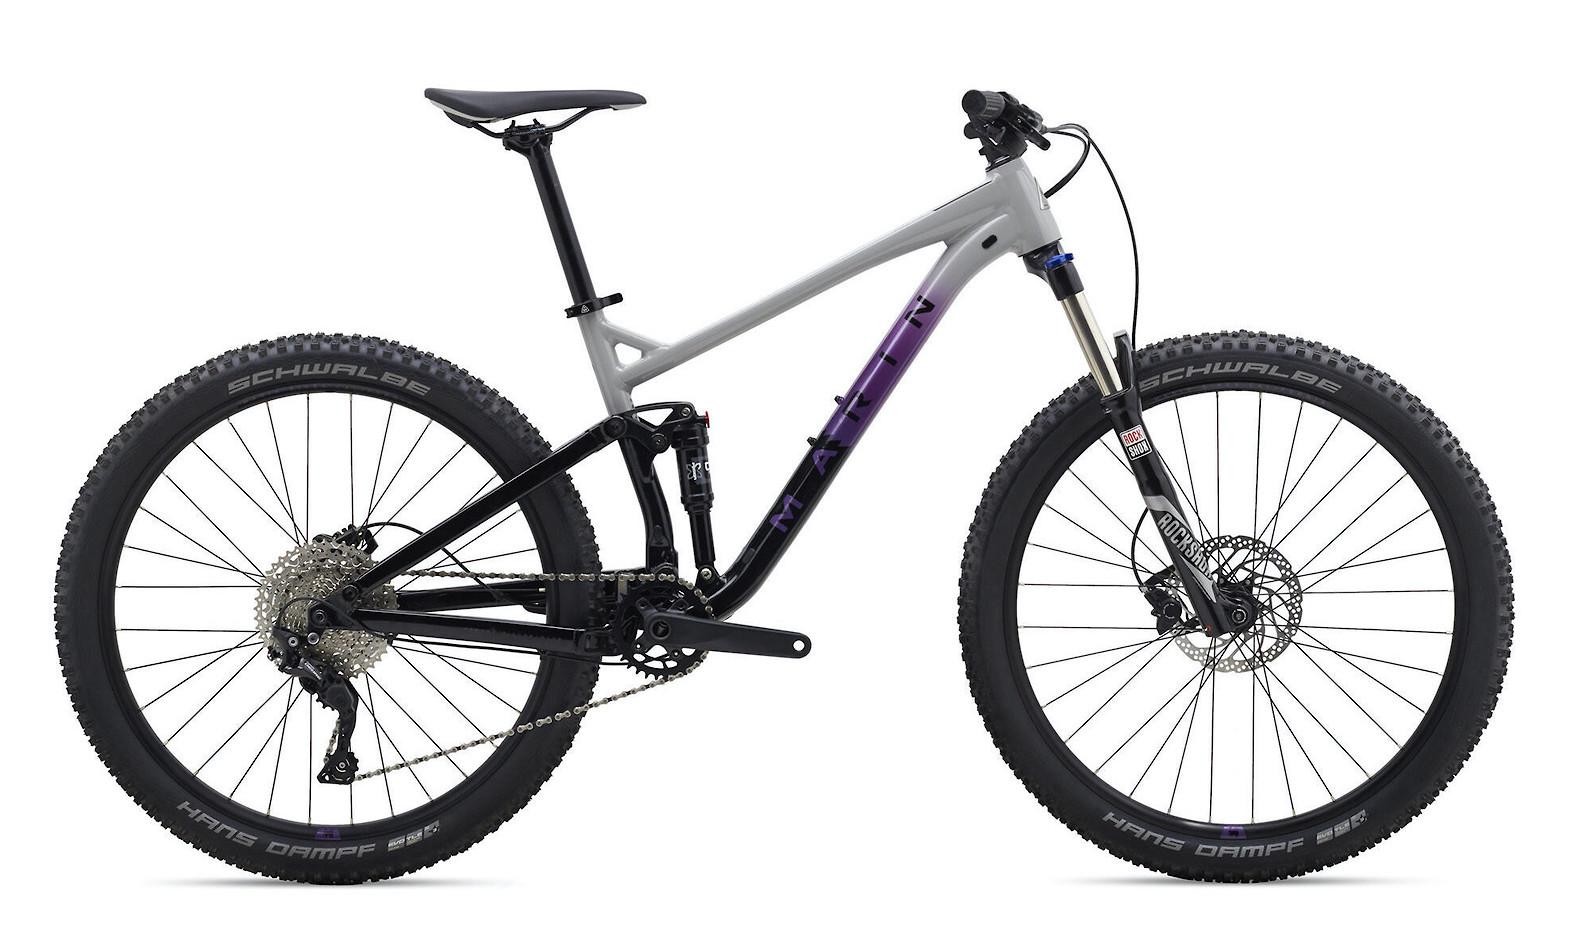 2020 Marin Hawk Hill 1 - Gloss Grey/Purple/Black